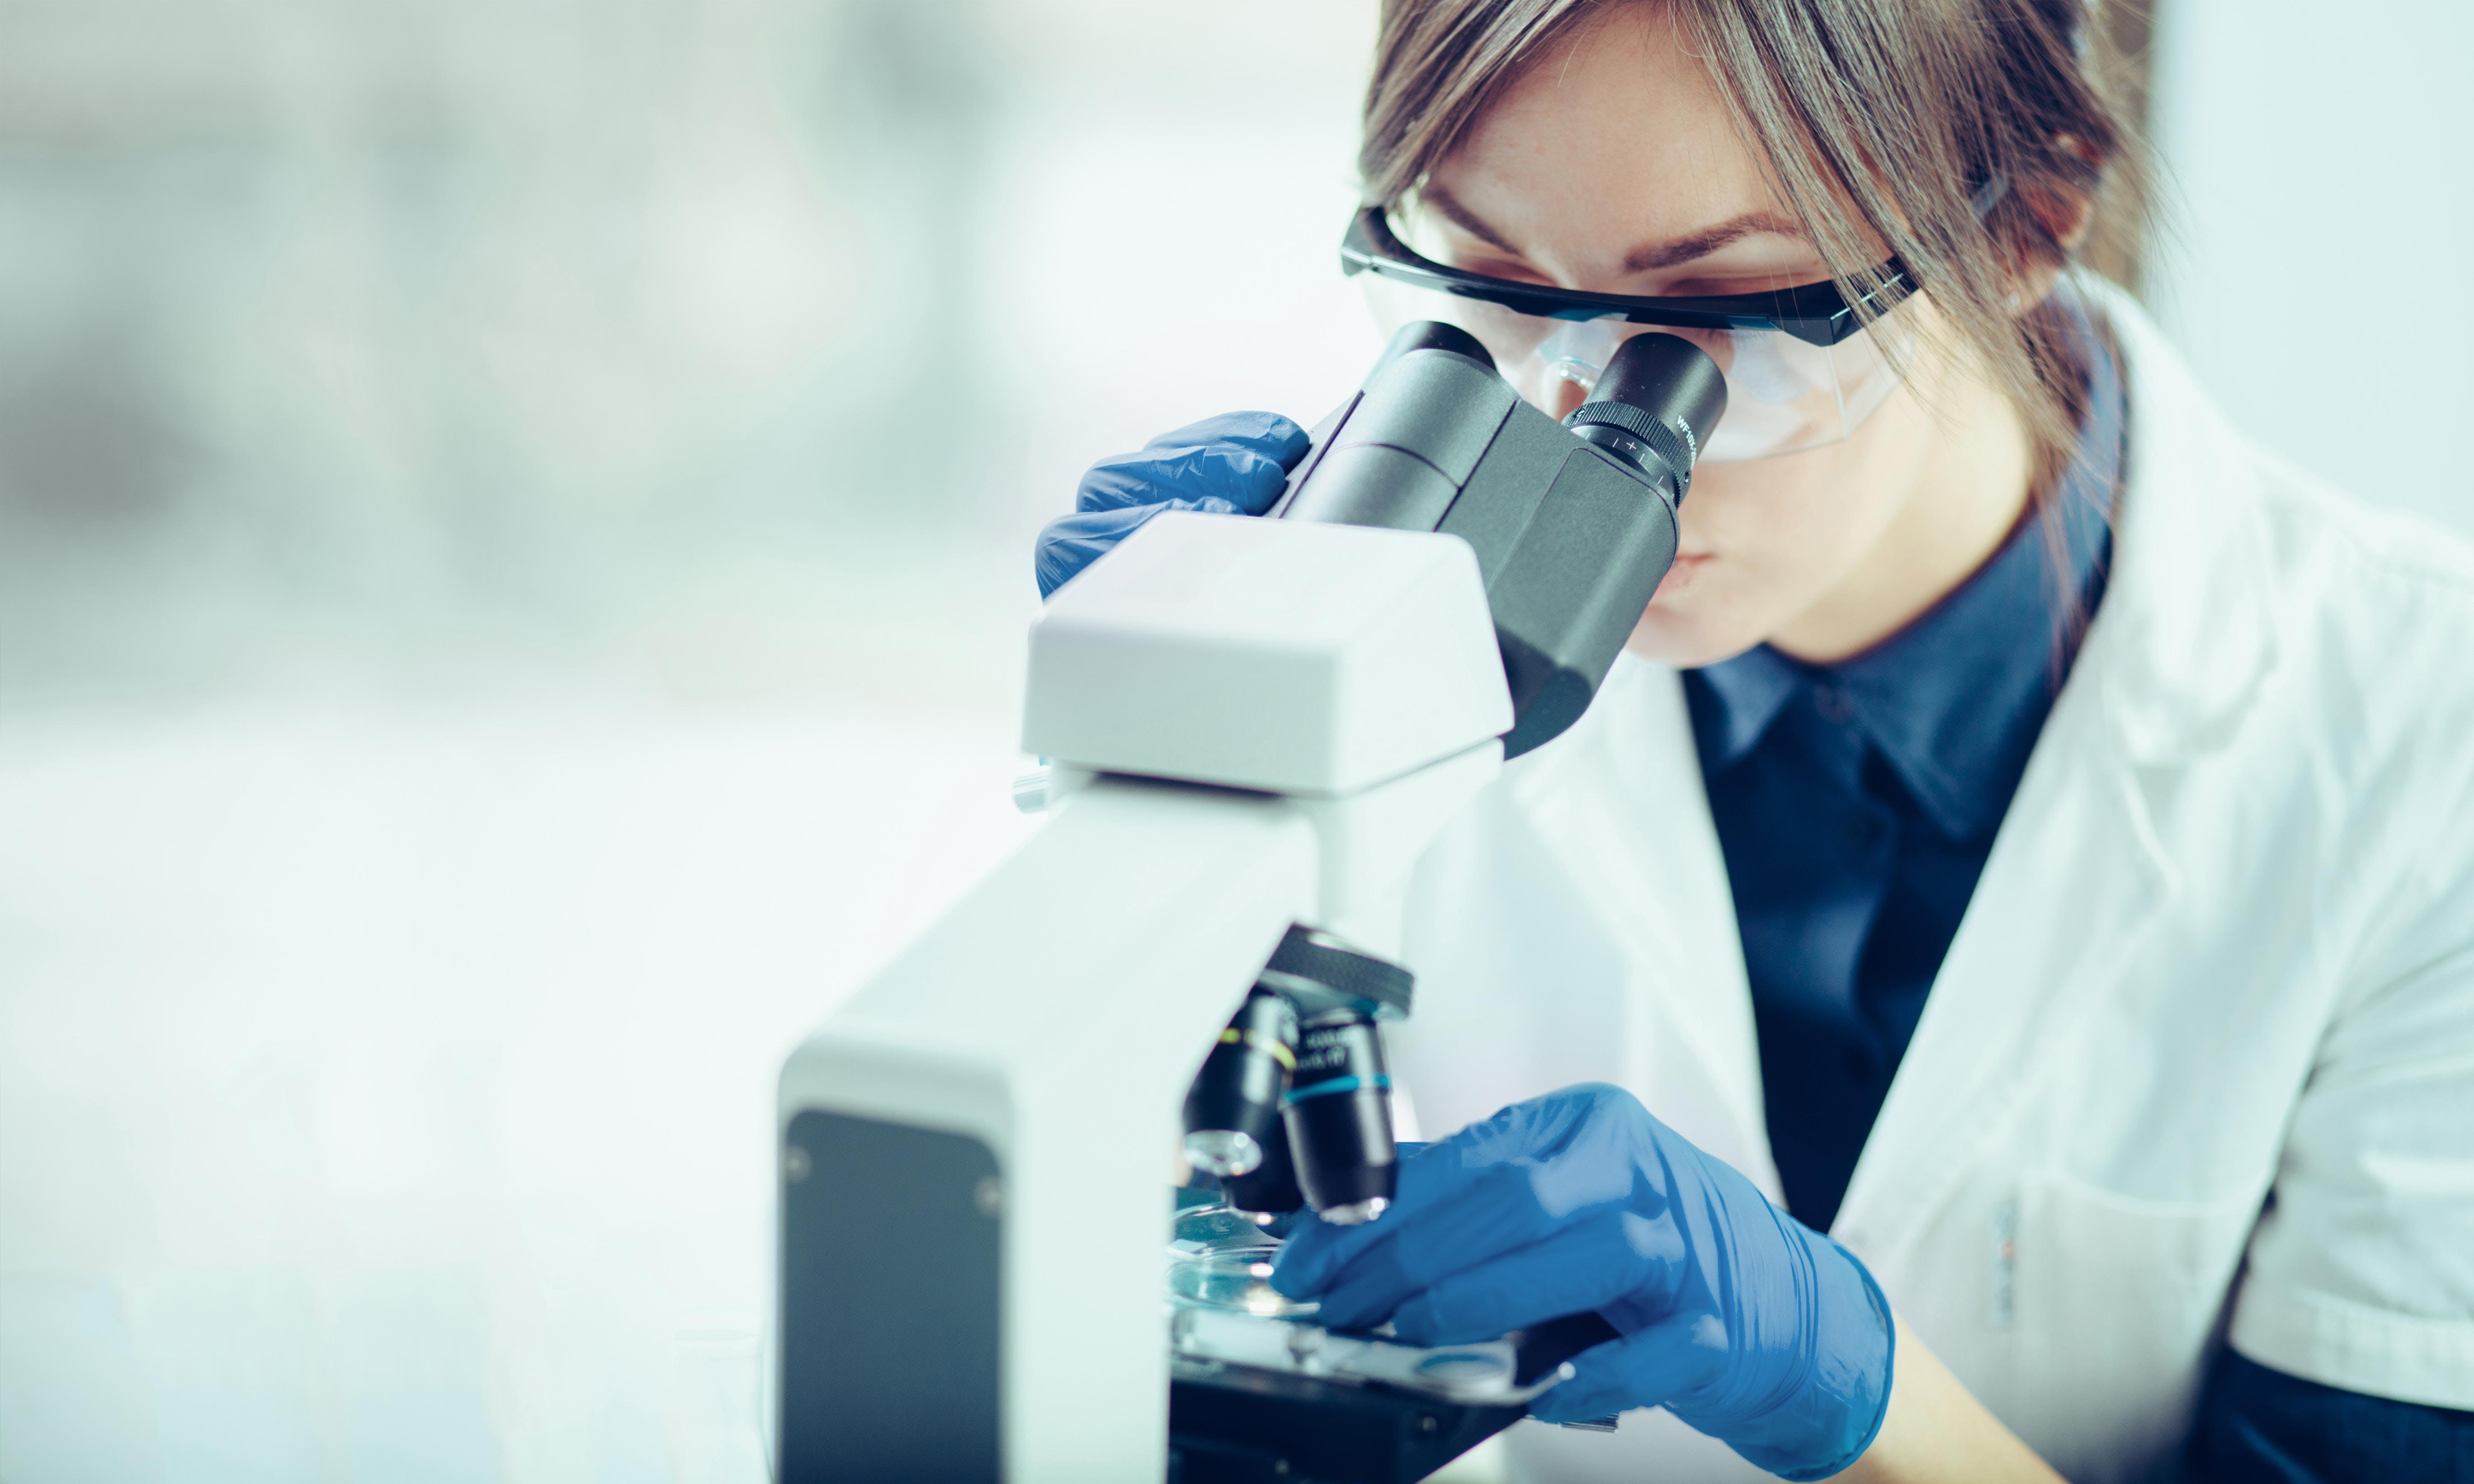 Alzheimer's Disease: Women Rock Research